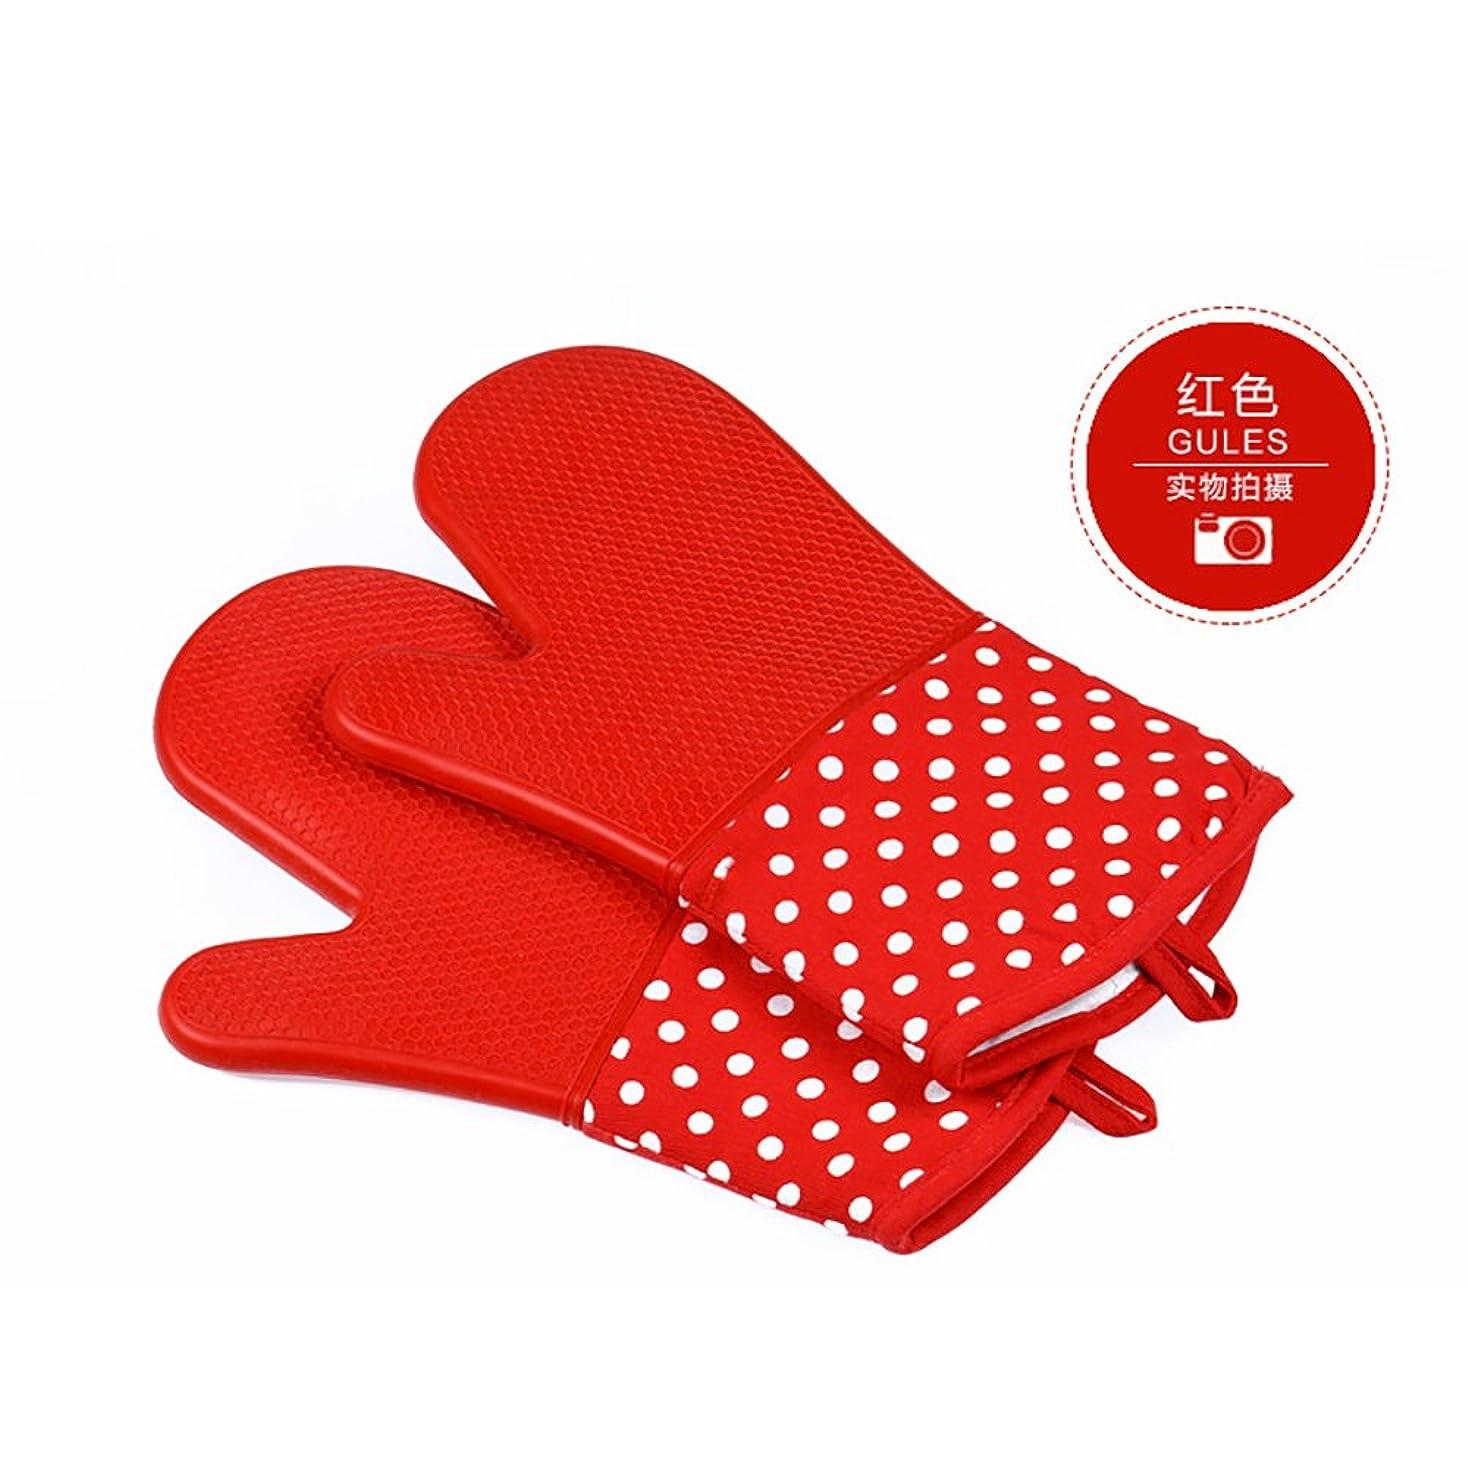 ジャズ飲食店苛性JOOP【2個セット】【シリコンベーキング手袋】【バーベキュー手袋】【キッチン電子レンジの手袋】【オーブン断熱手袋】【300の加熱温度極値】【7色】 (レッド)